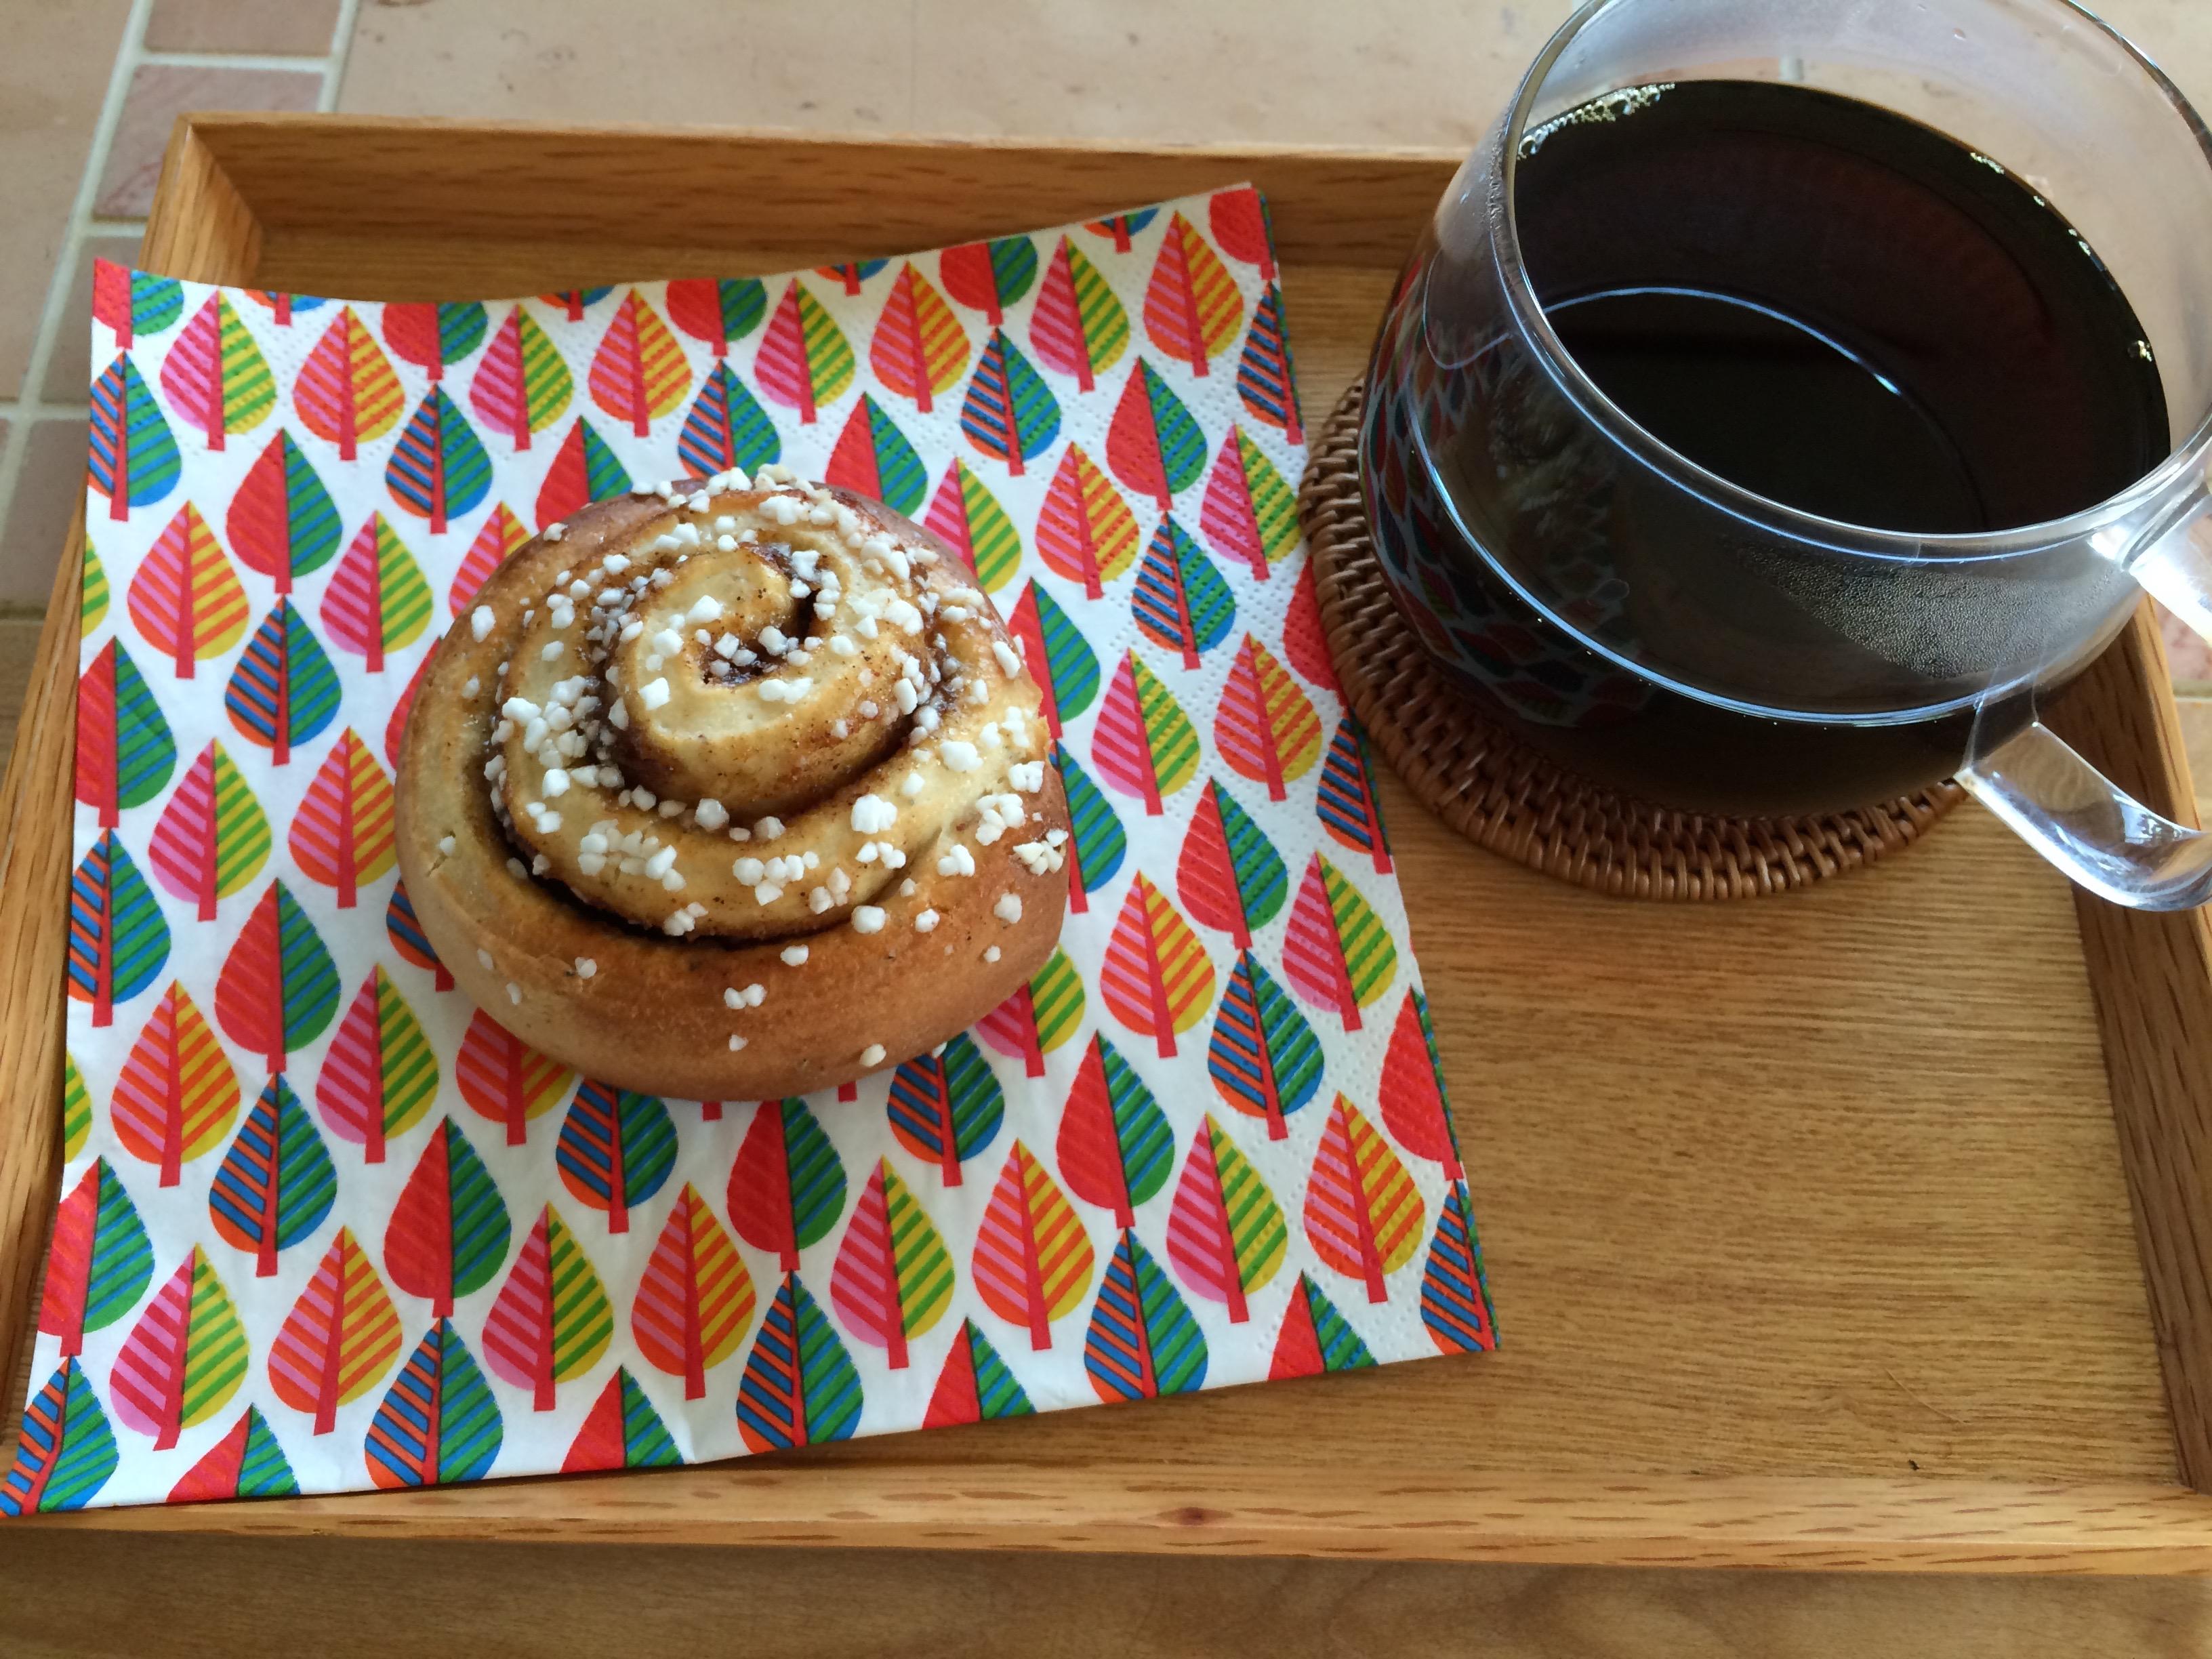 イケアシナモンロールとコーヒー